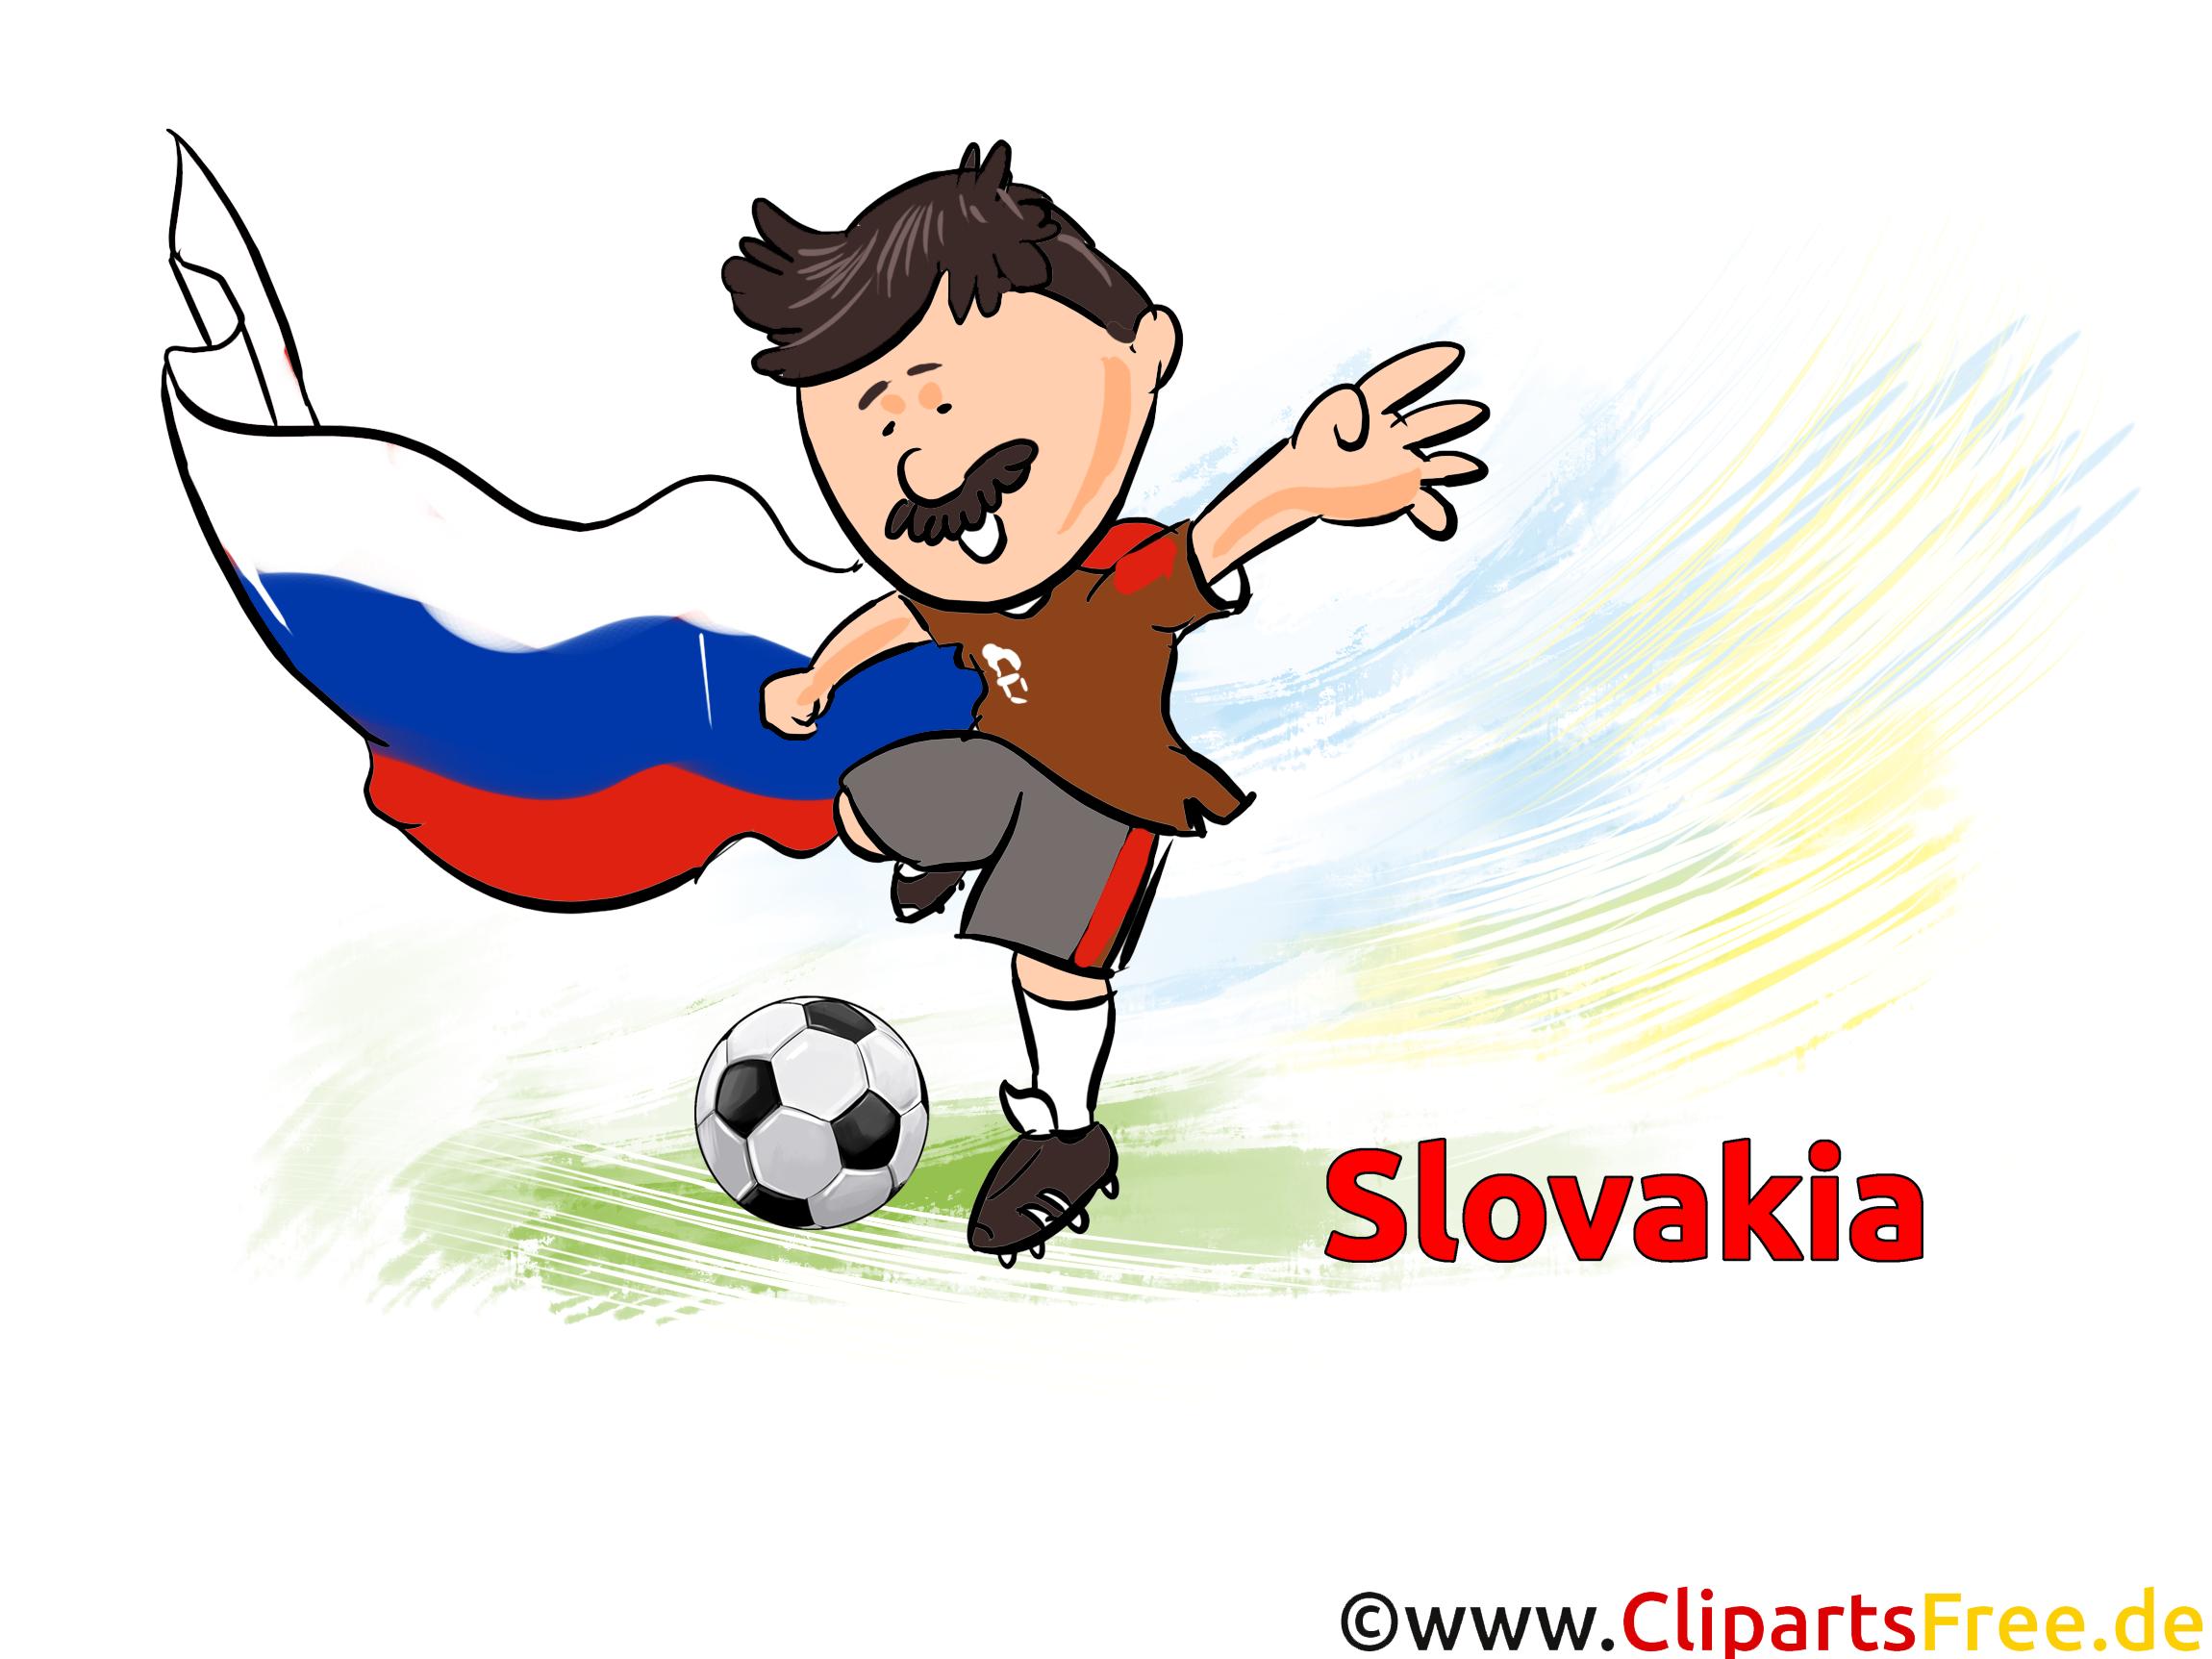 Drapeau Images Slovaquie Football télécharger gratuitement